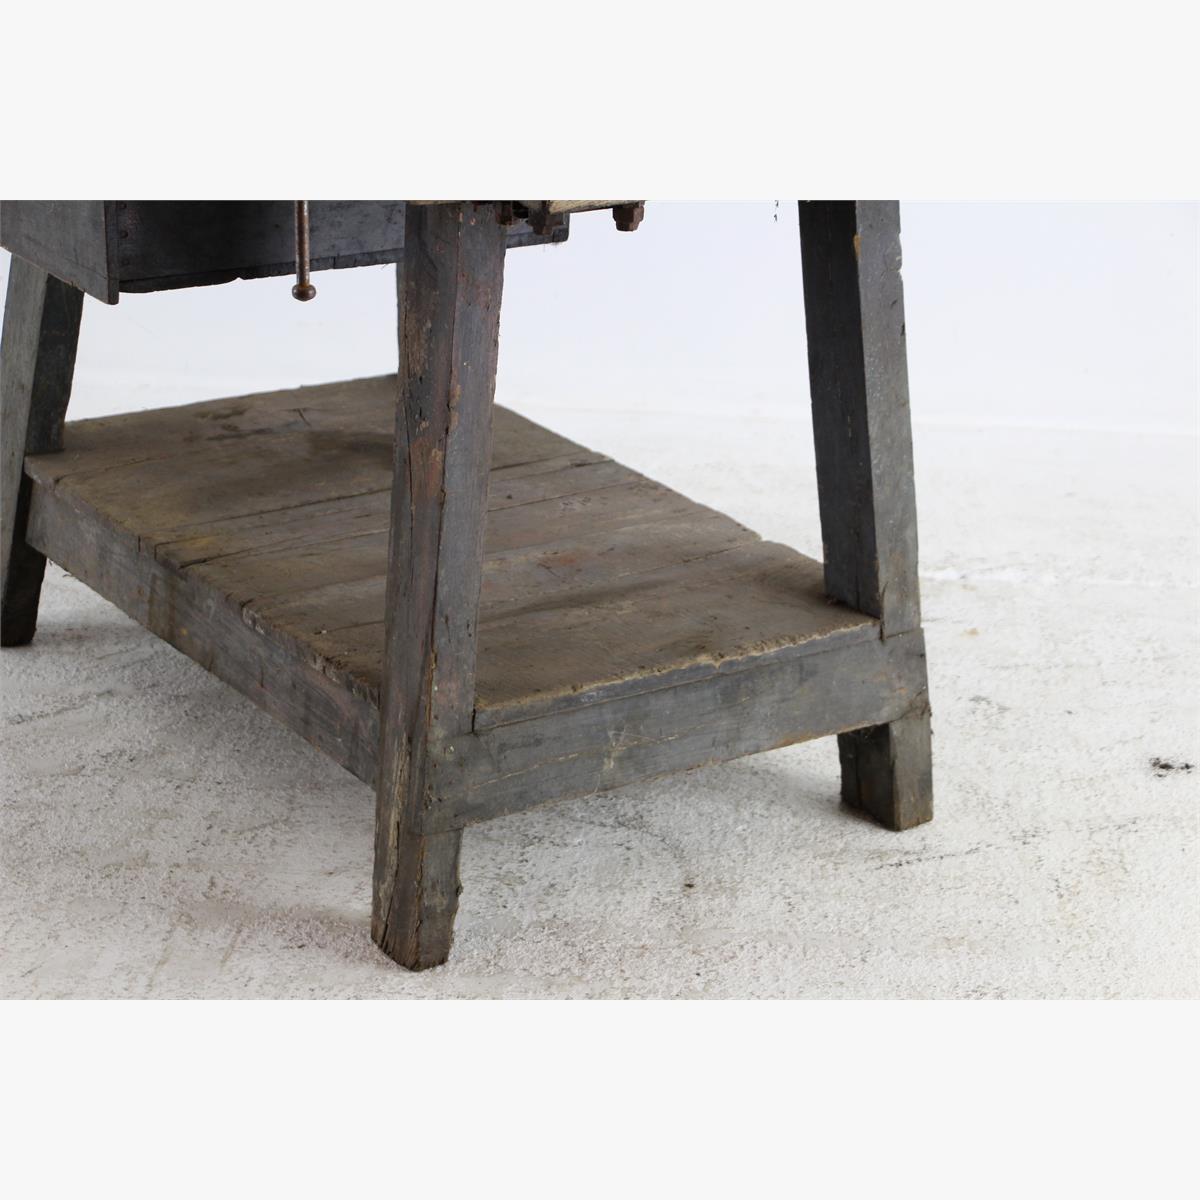 Afbeeldingen van zware industriele eiken werkbank met bank schroef en buizenklem